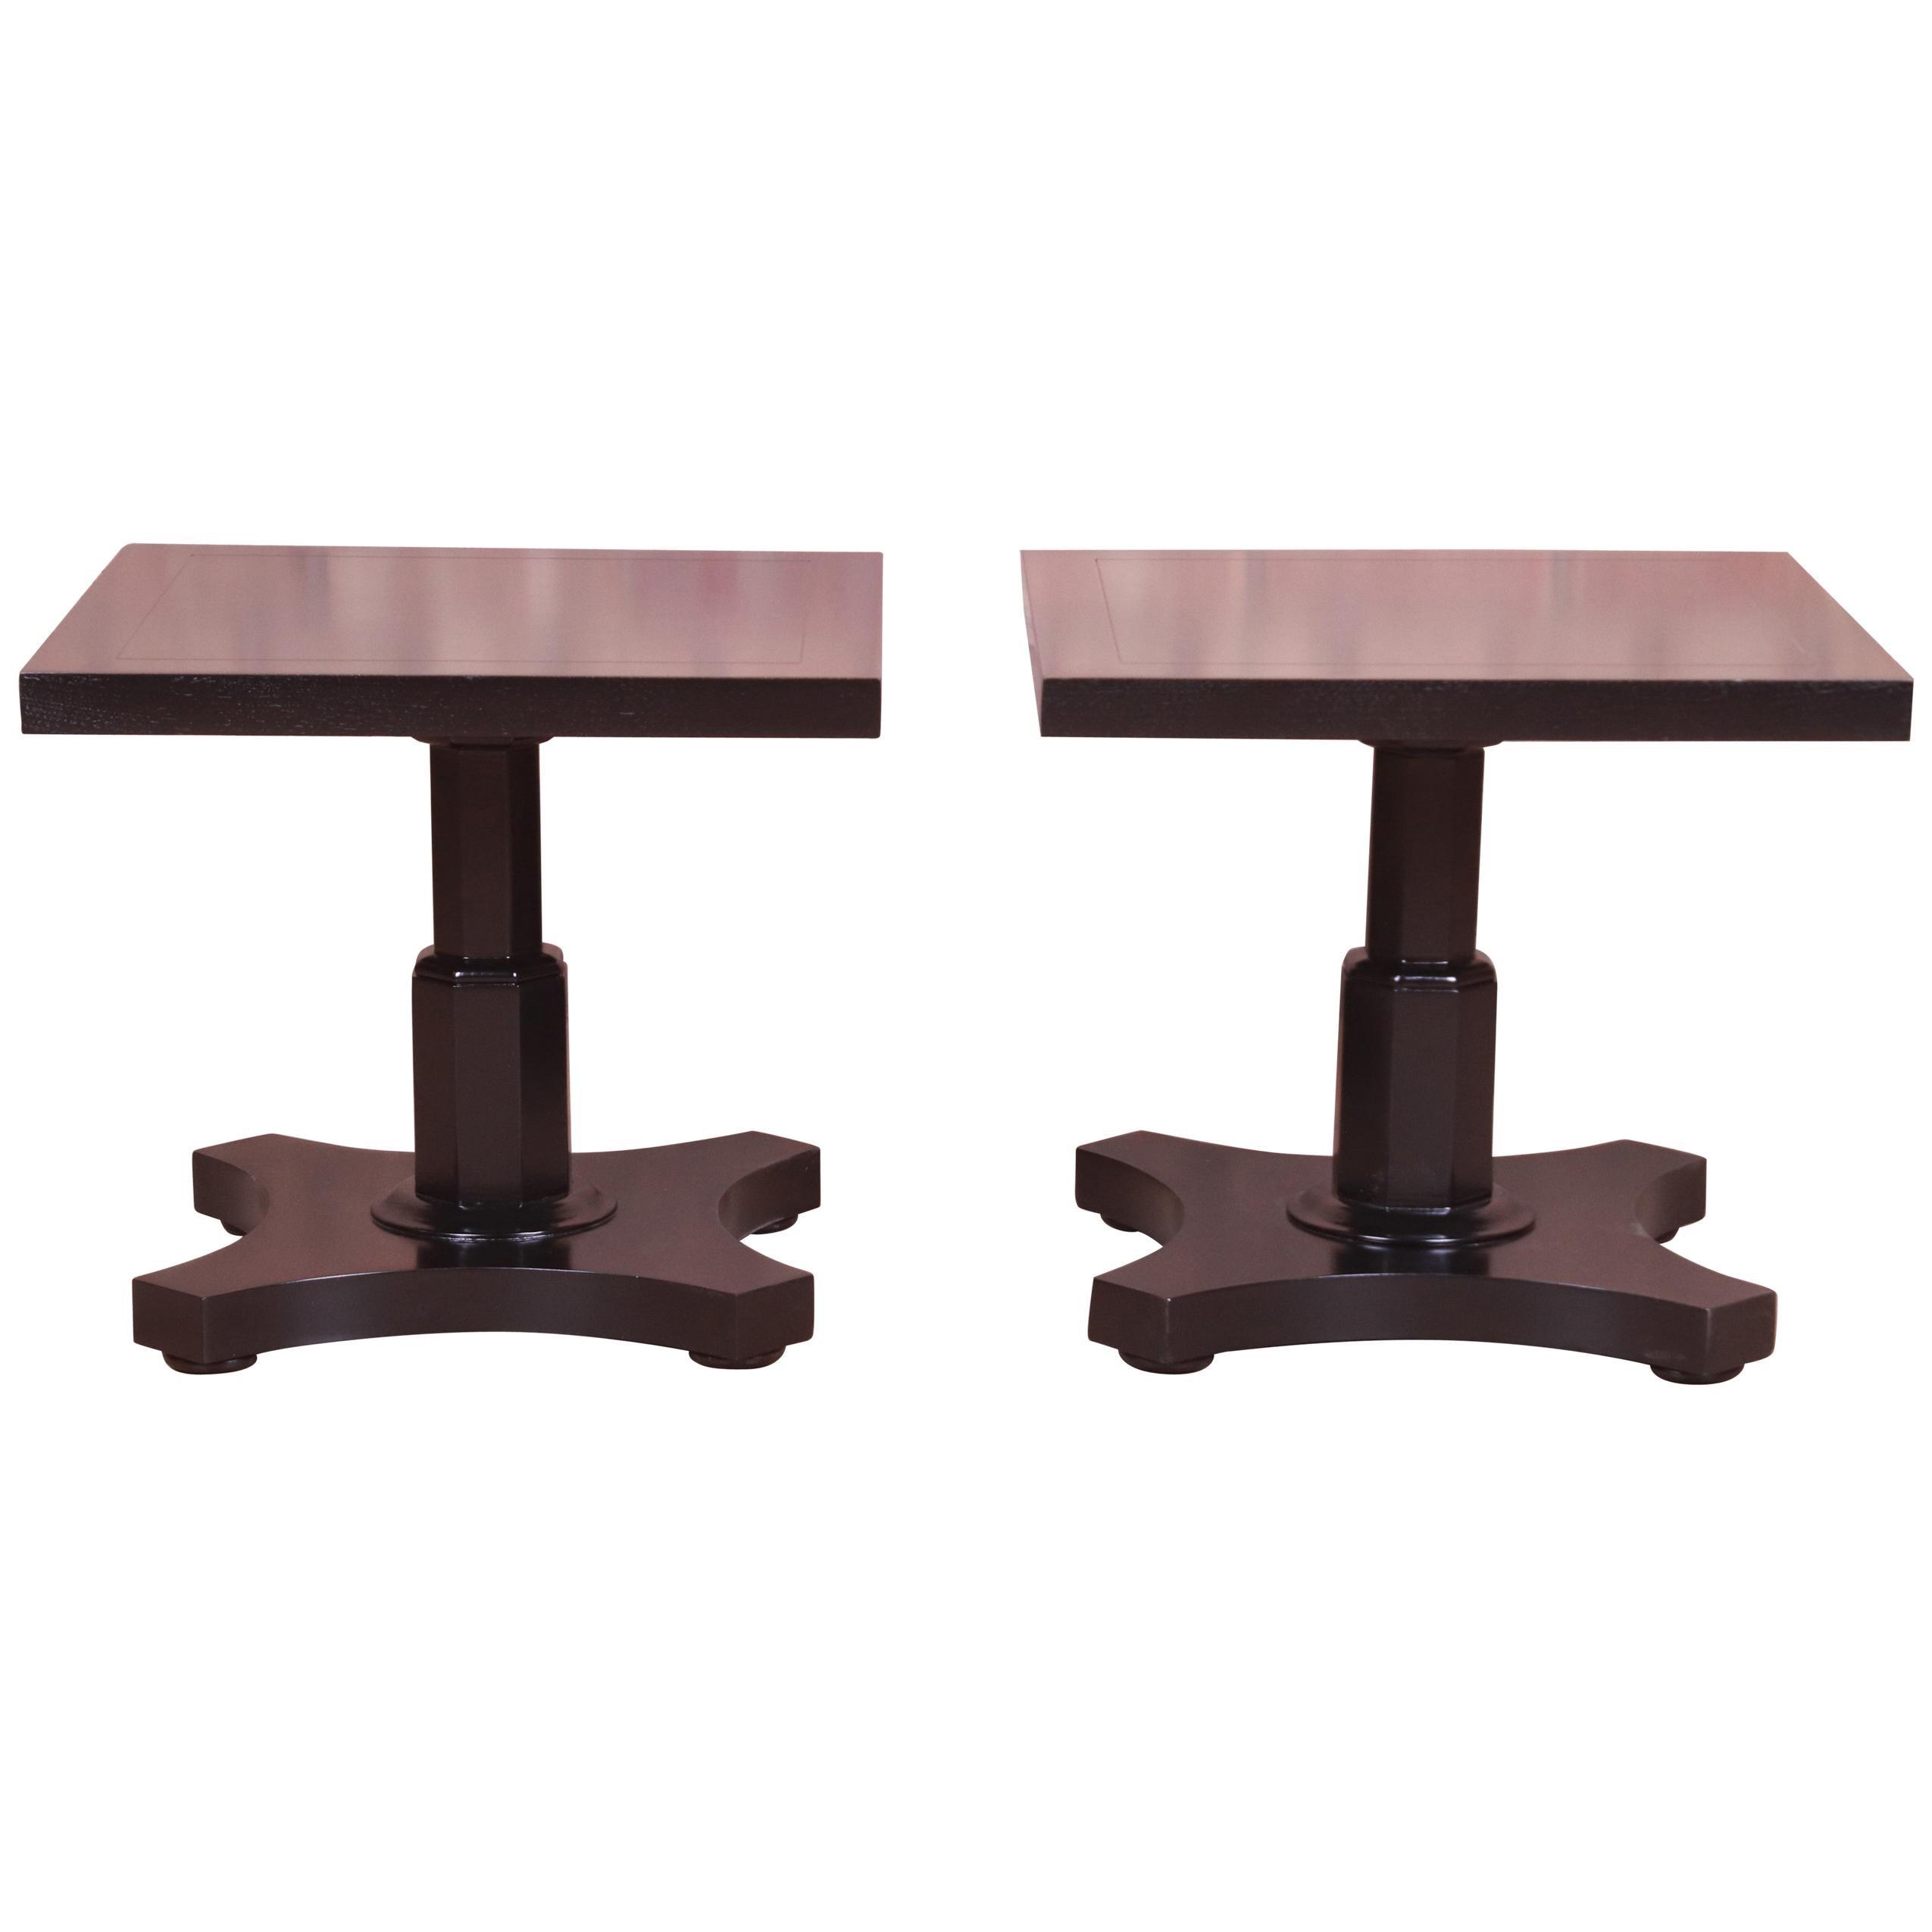 Baker Furniture Midcentury Black Lacquered Pedestal Side Tables, Refinished